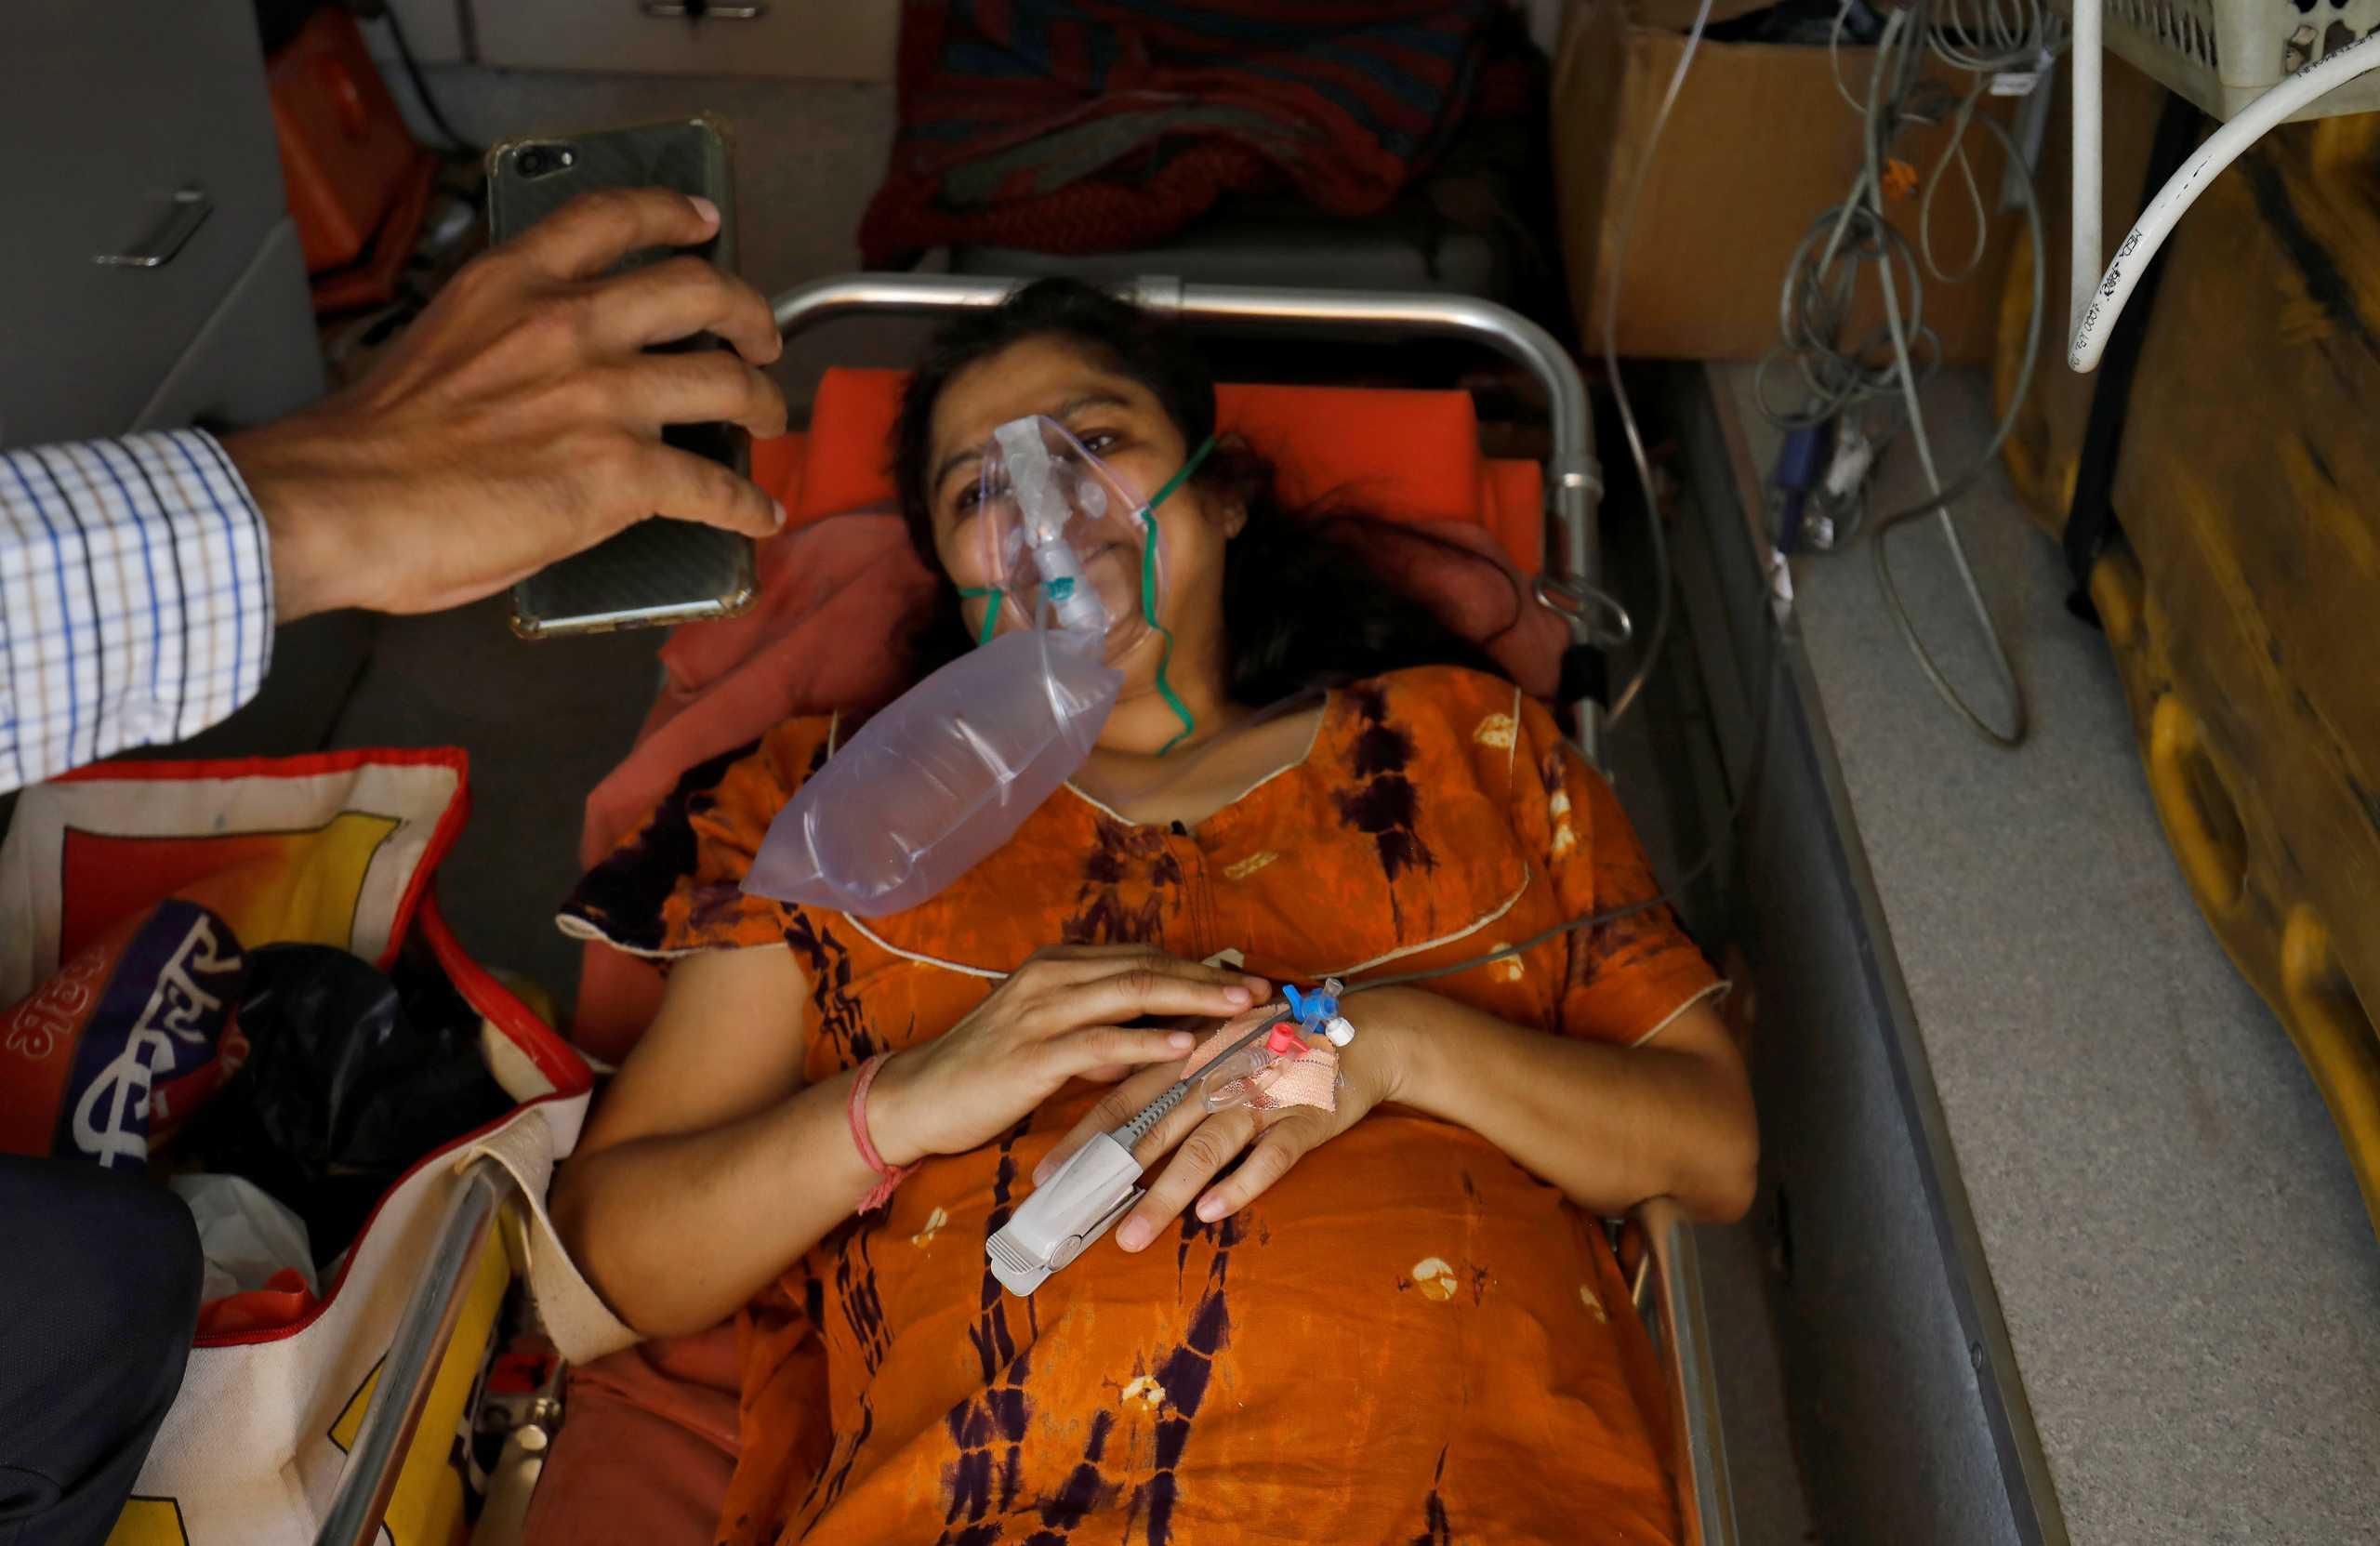 Ινδία: ΜΚΟ σώζουν ασθενείς με κορονοϊό – Ο θάνατος στις πόρτες των νοσοκομείων